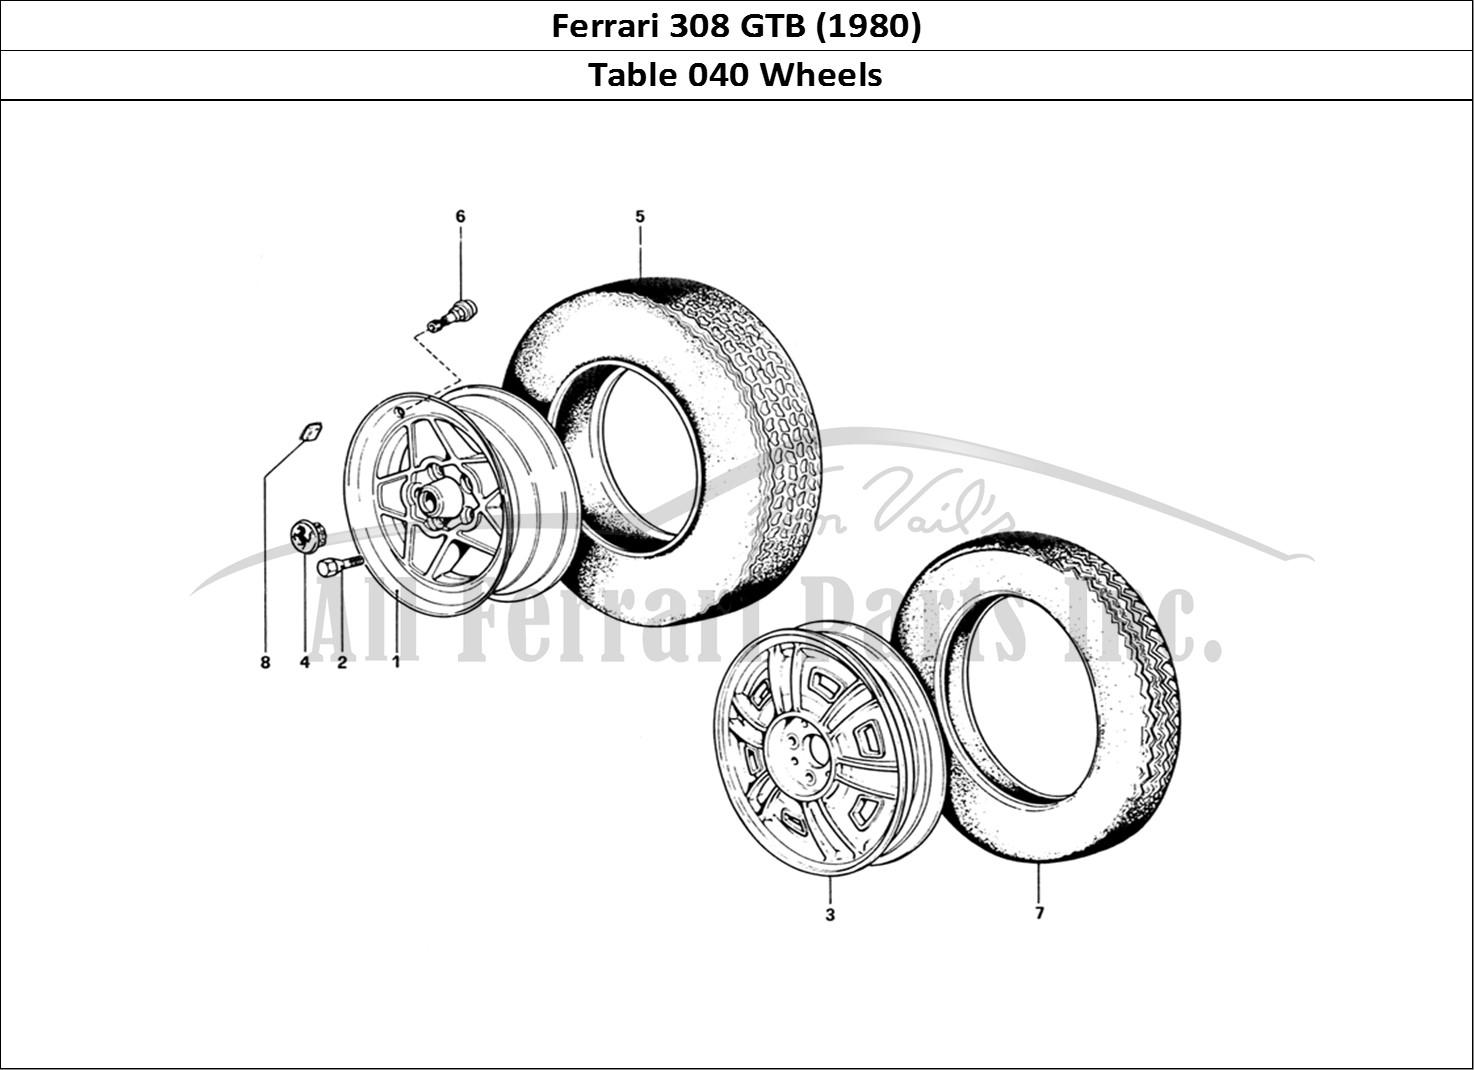 Buy original Ferrari 308 GTB (1980) 040 Wheels Ferrari